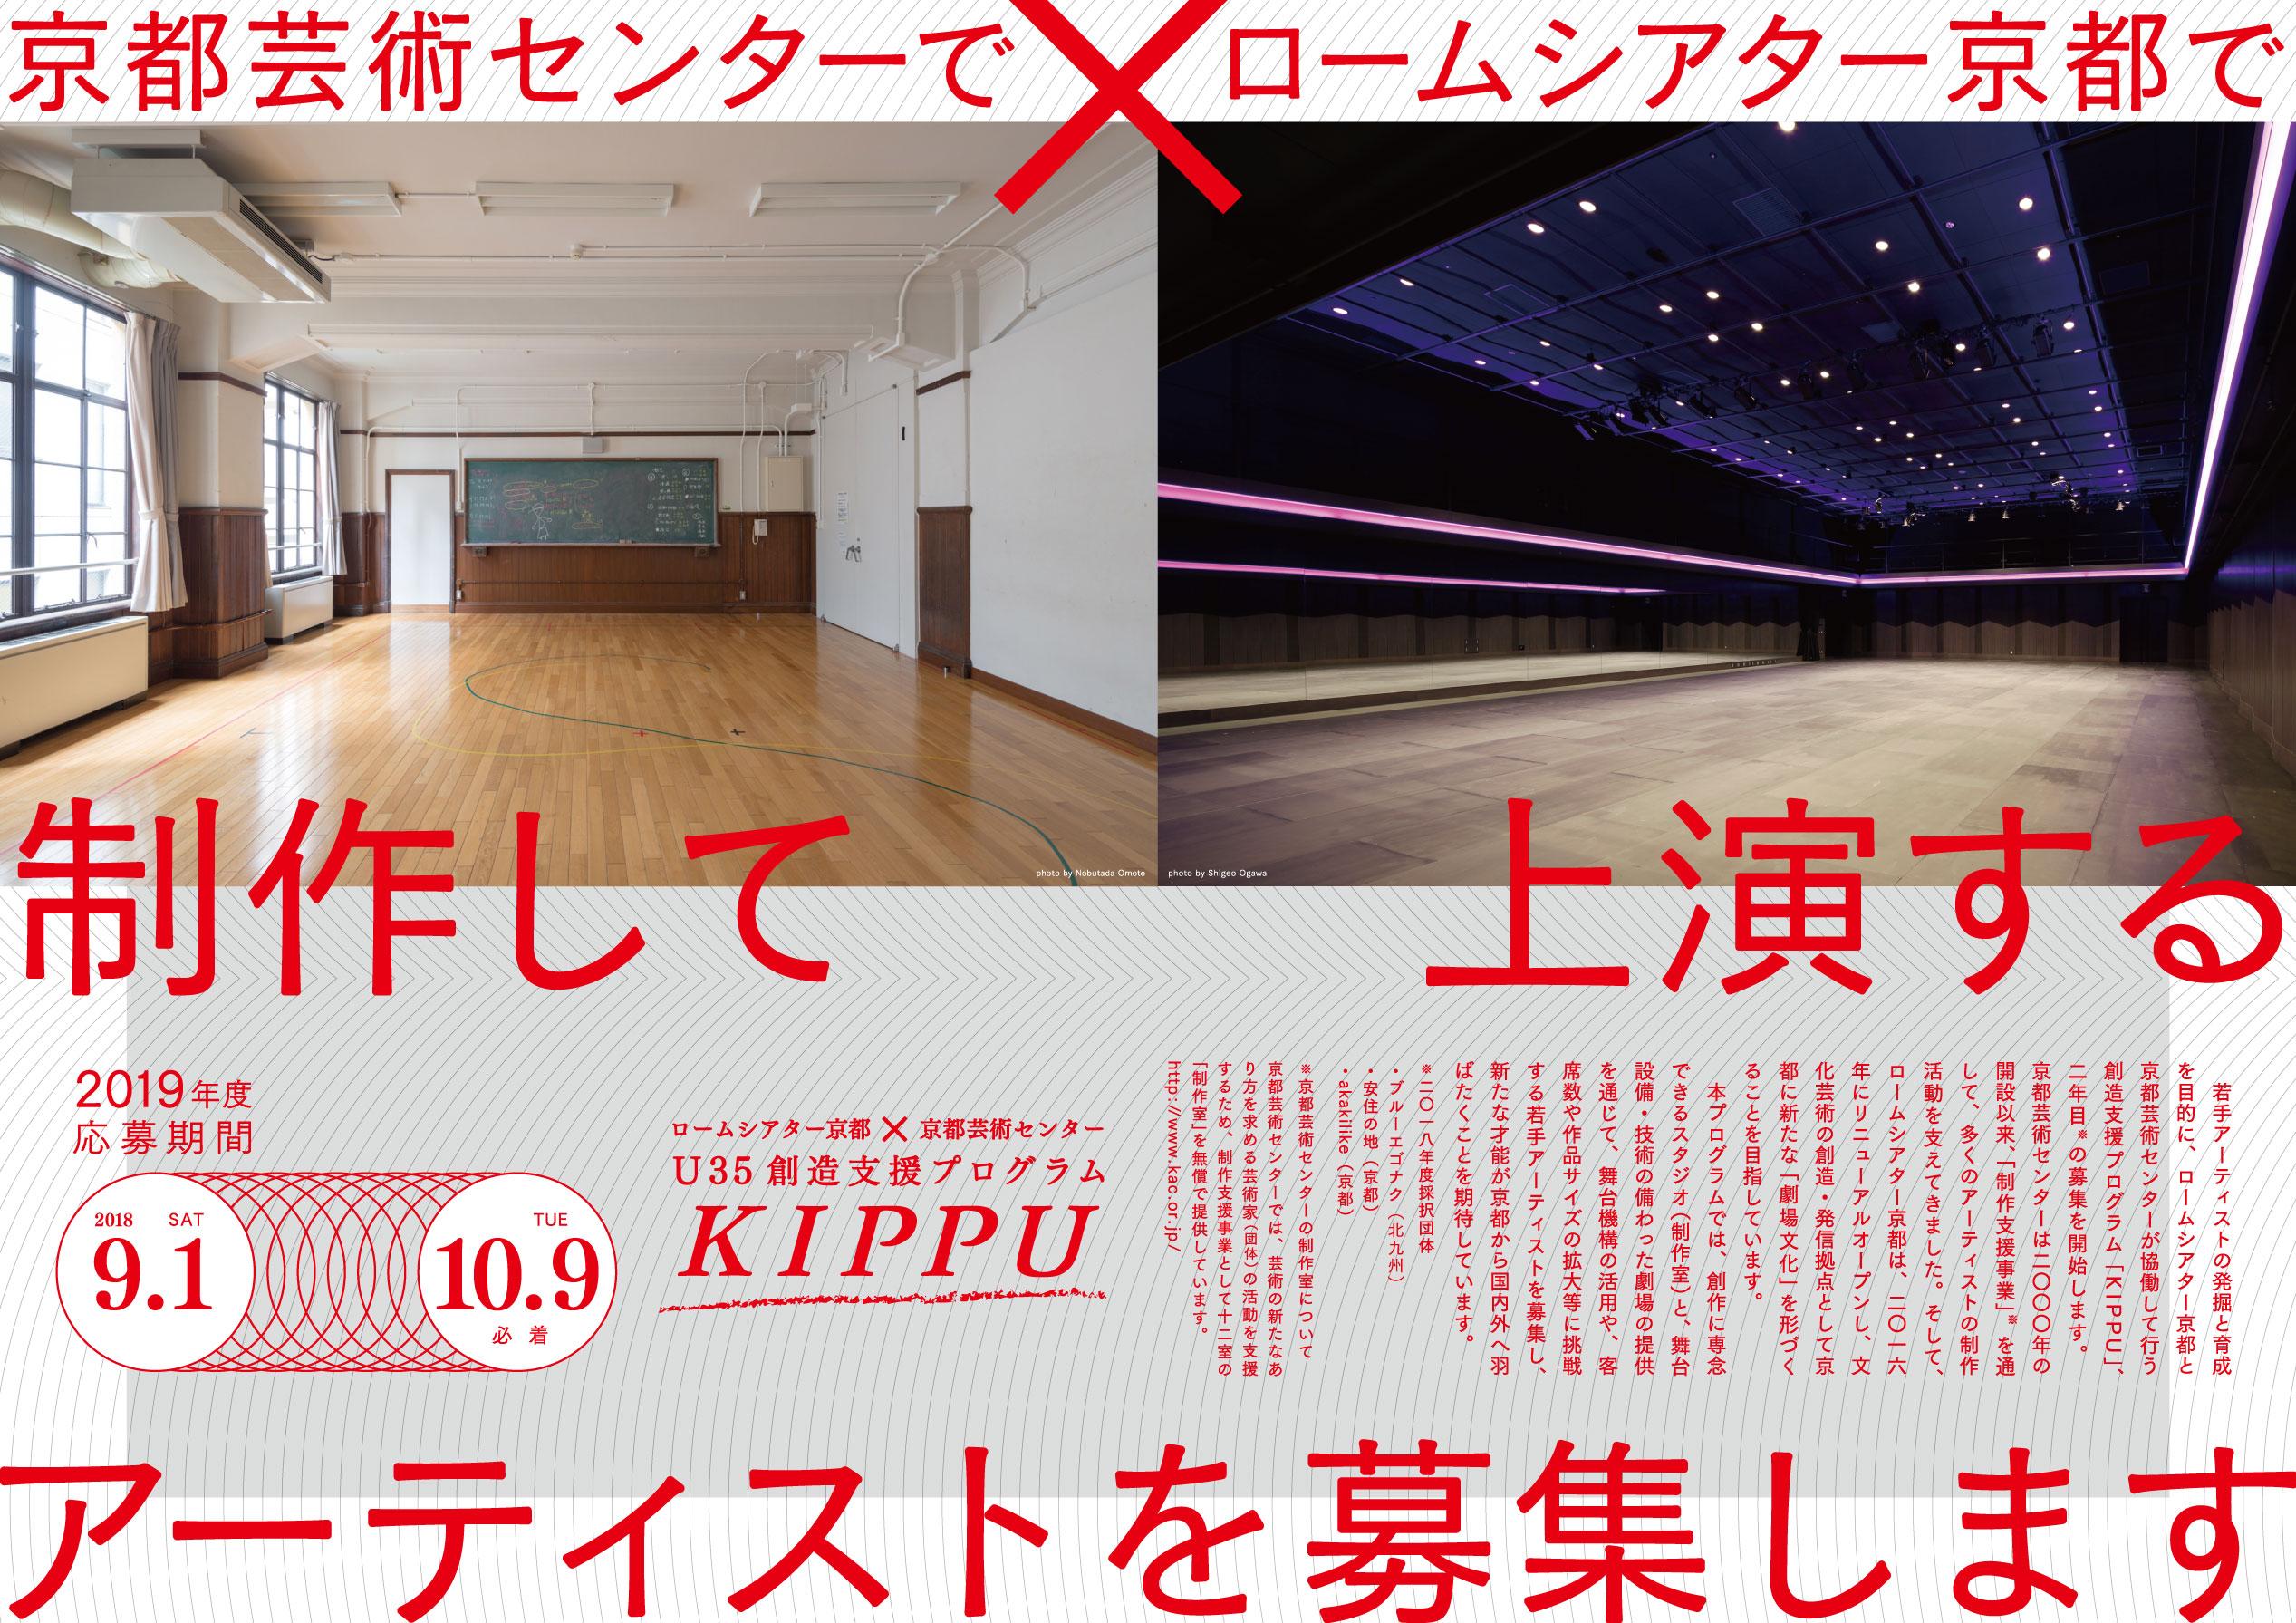 ロームシアター京都×京都芸術センター U35創造支援プログラム「KIPPU」参加アーティスト募集のお知らせ